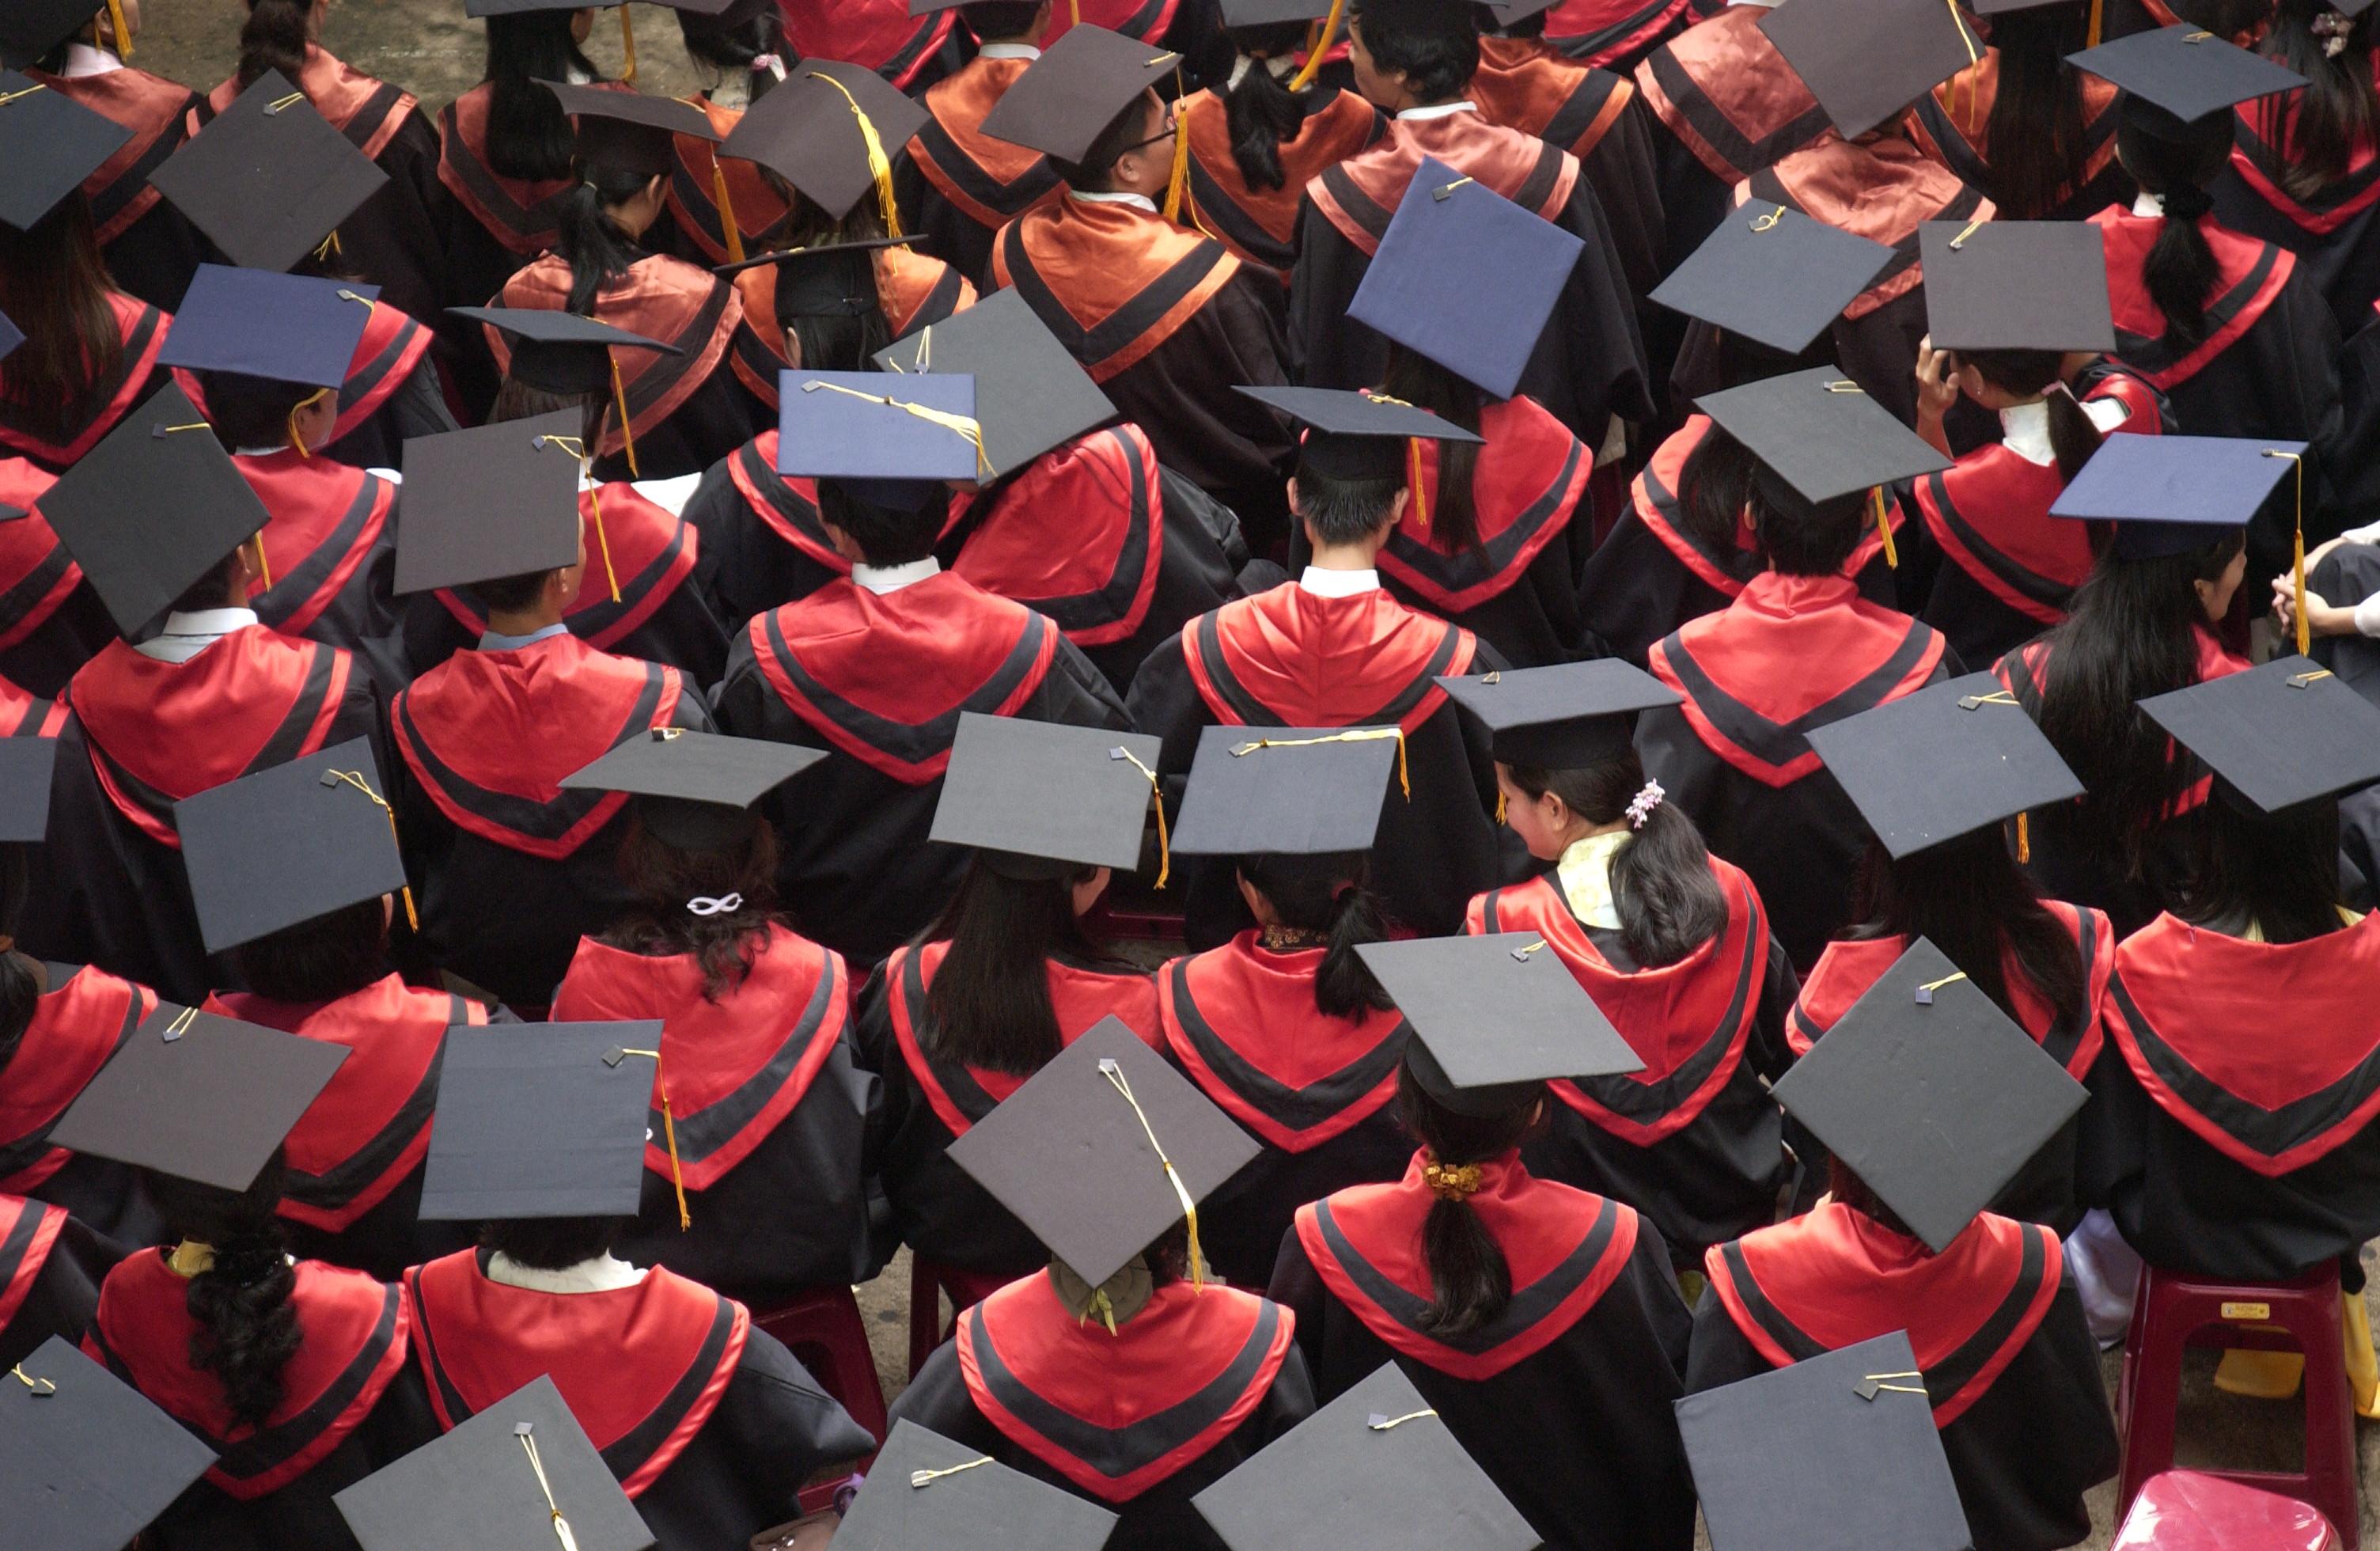 Sinh viên năm cuối chuẩn bị gì trước khi xin việc?